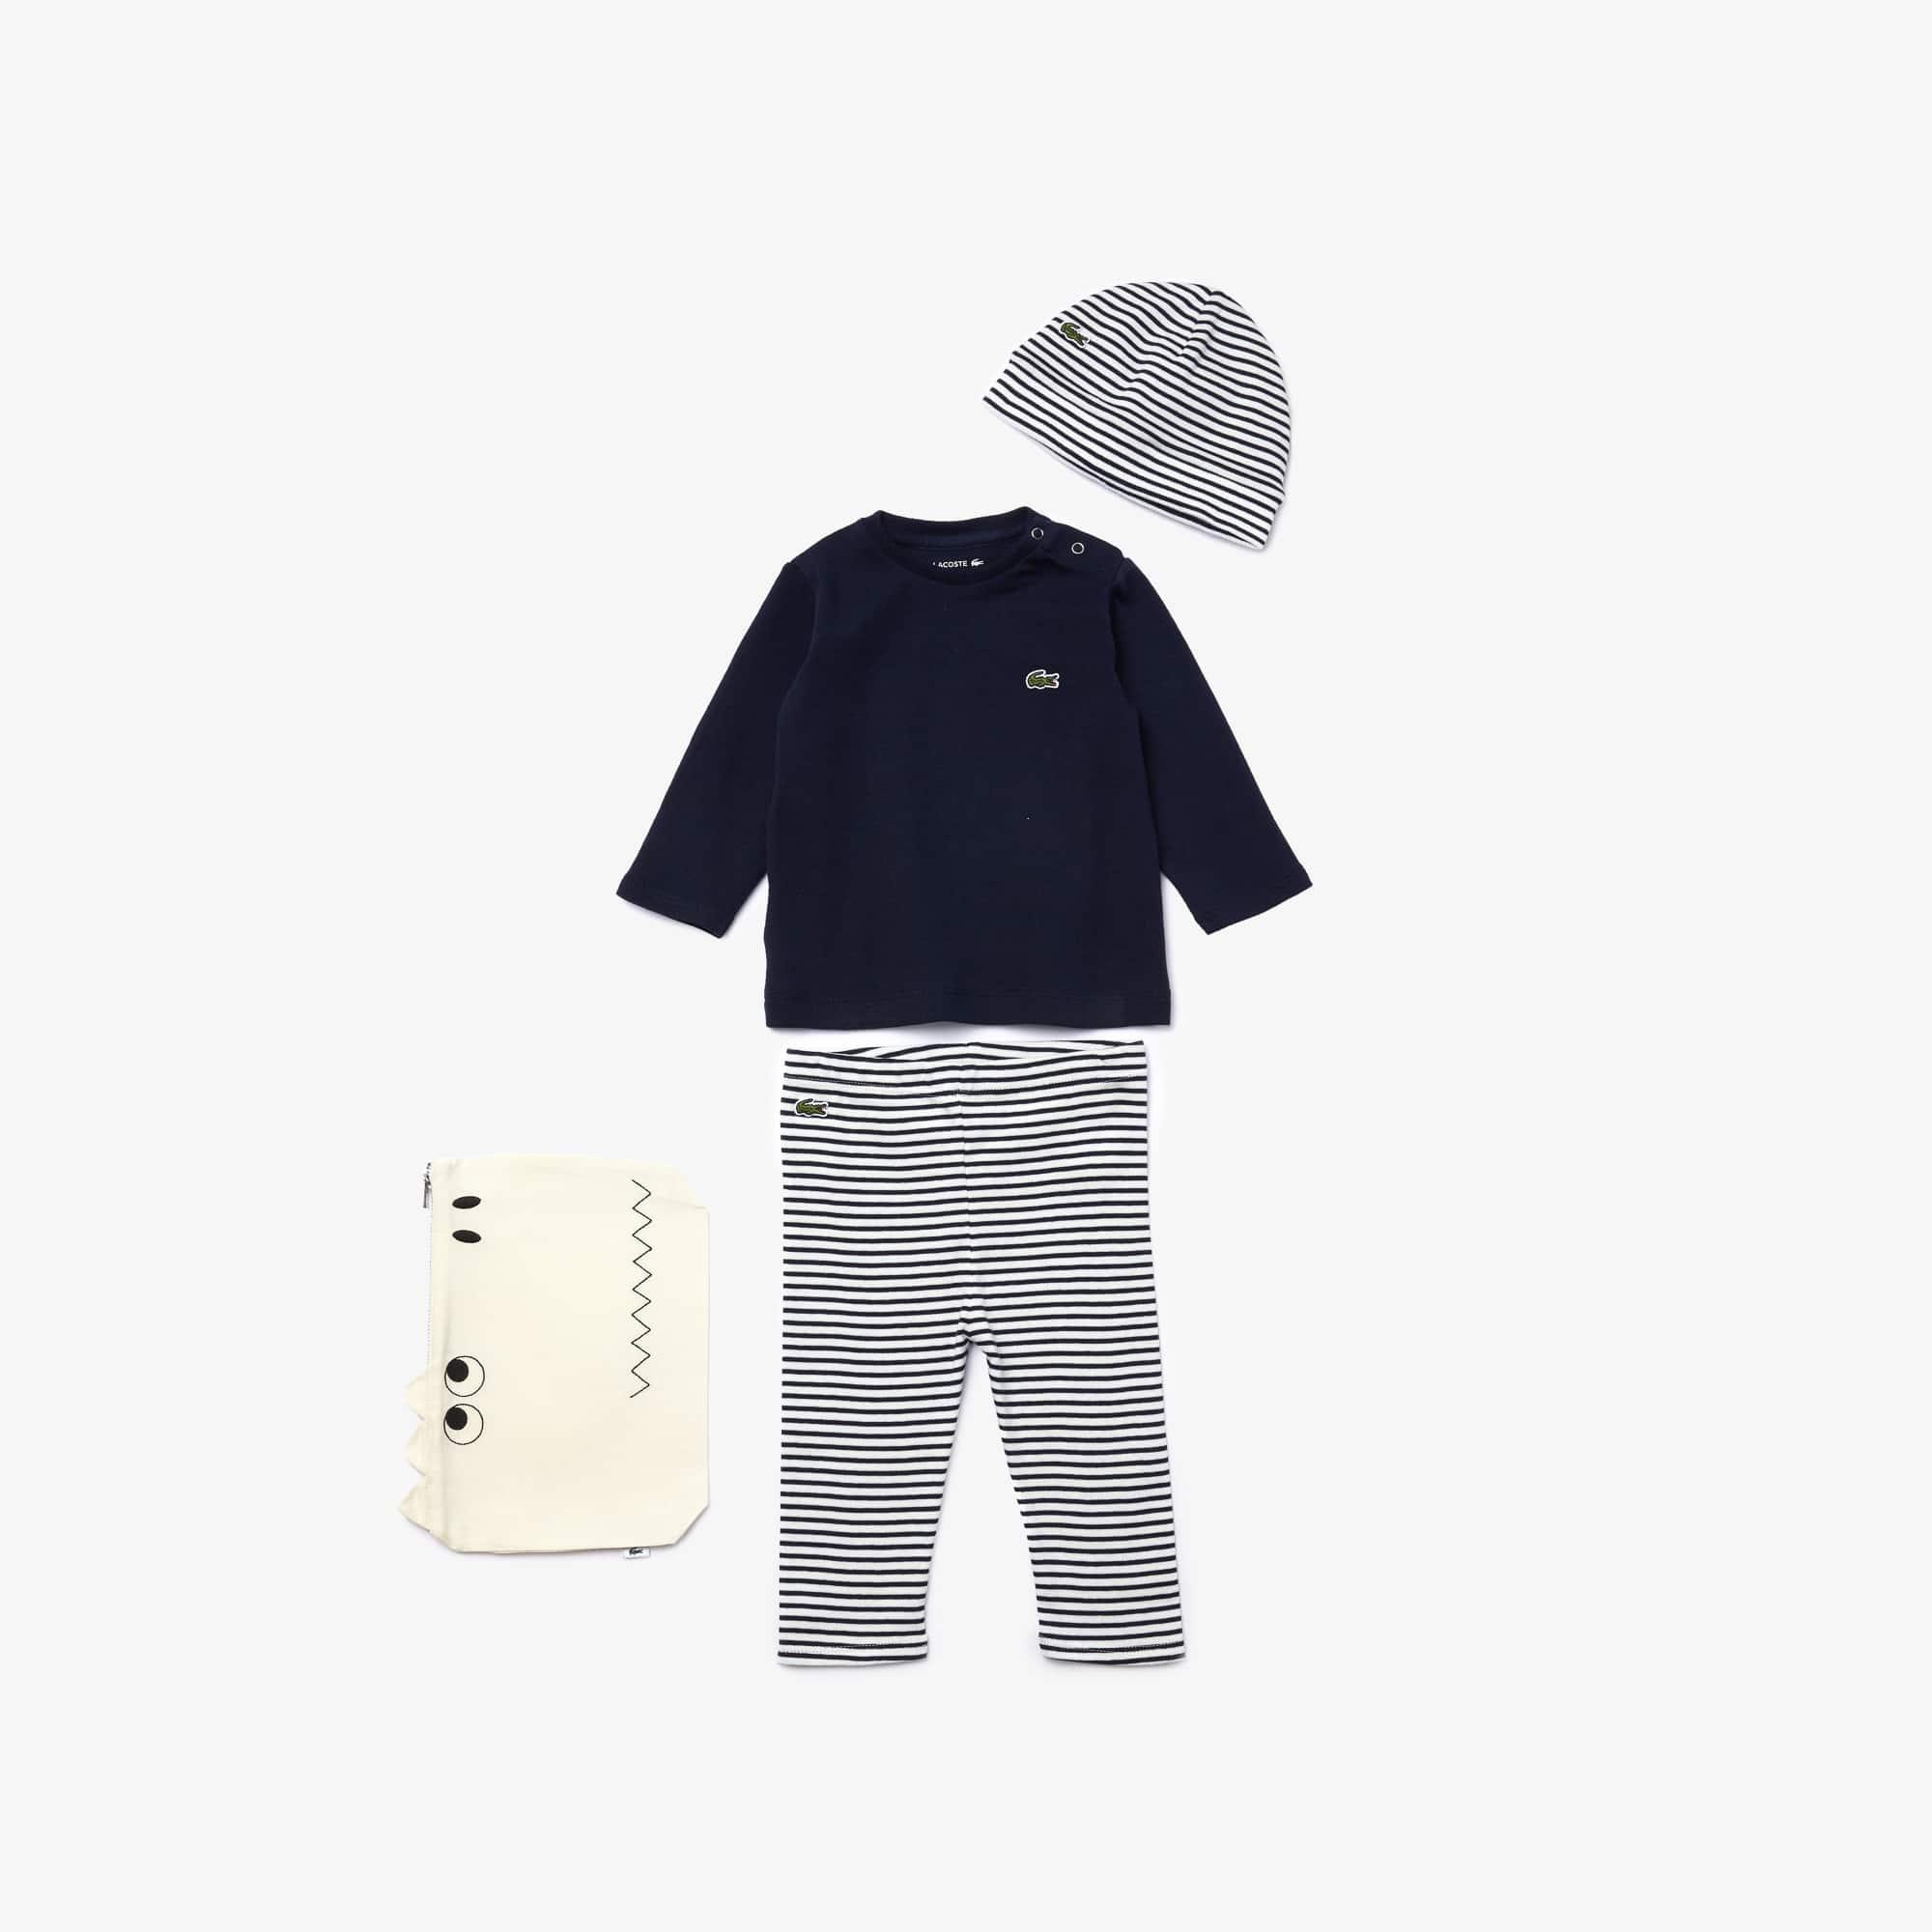 Lacoste Ensemble de pyjama Garçon en coton côtelé avec pochette croco Taille 1 an Black/white